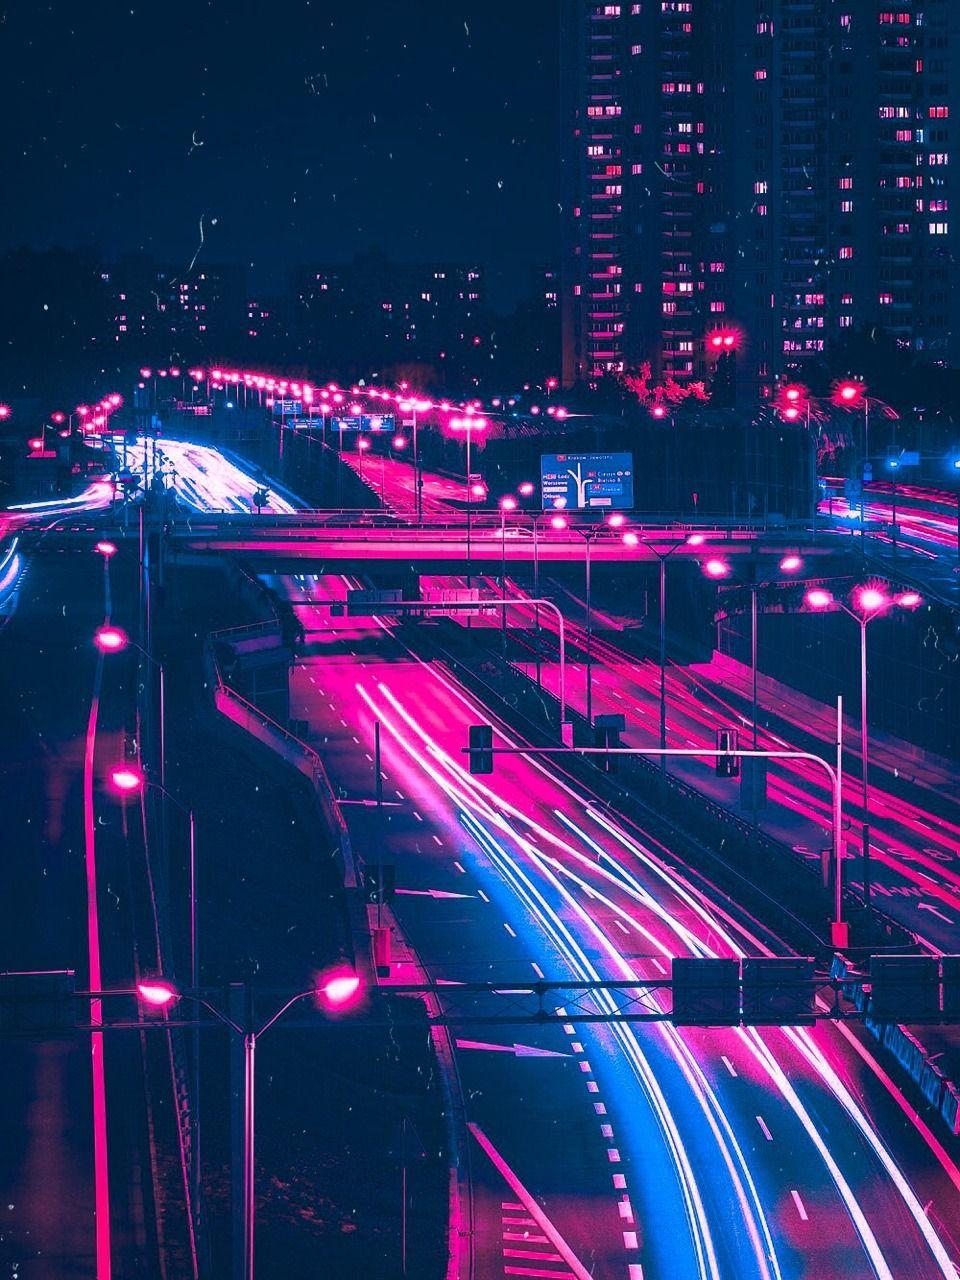 Dystopianscty — vaporwave motorway City aesthetic, Neon